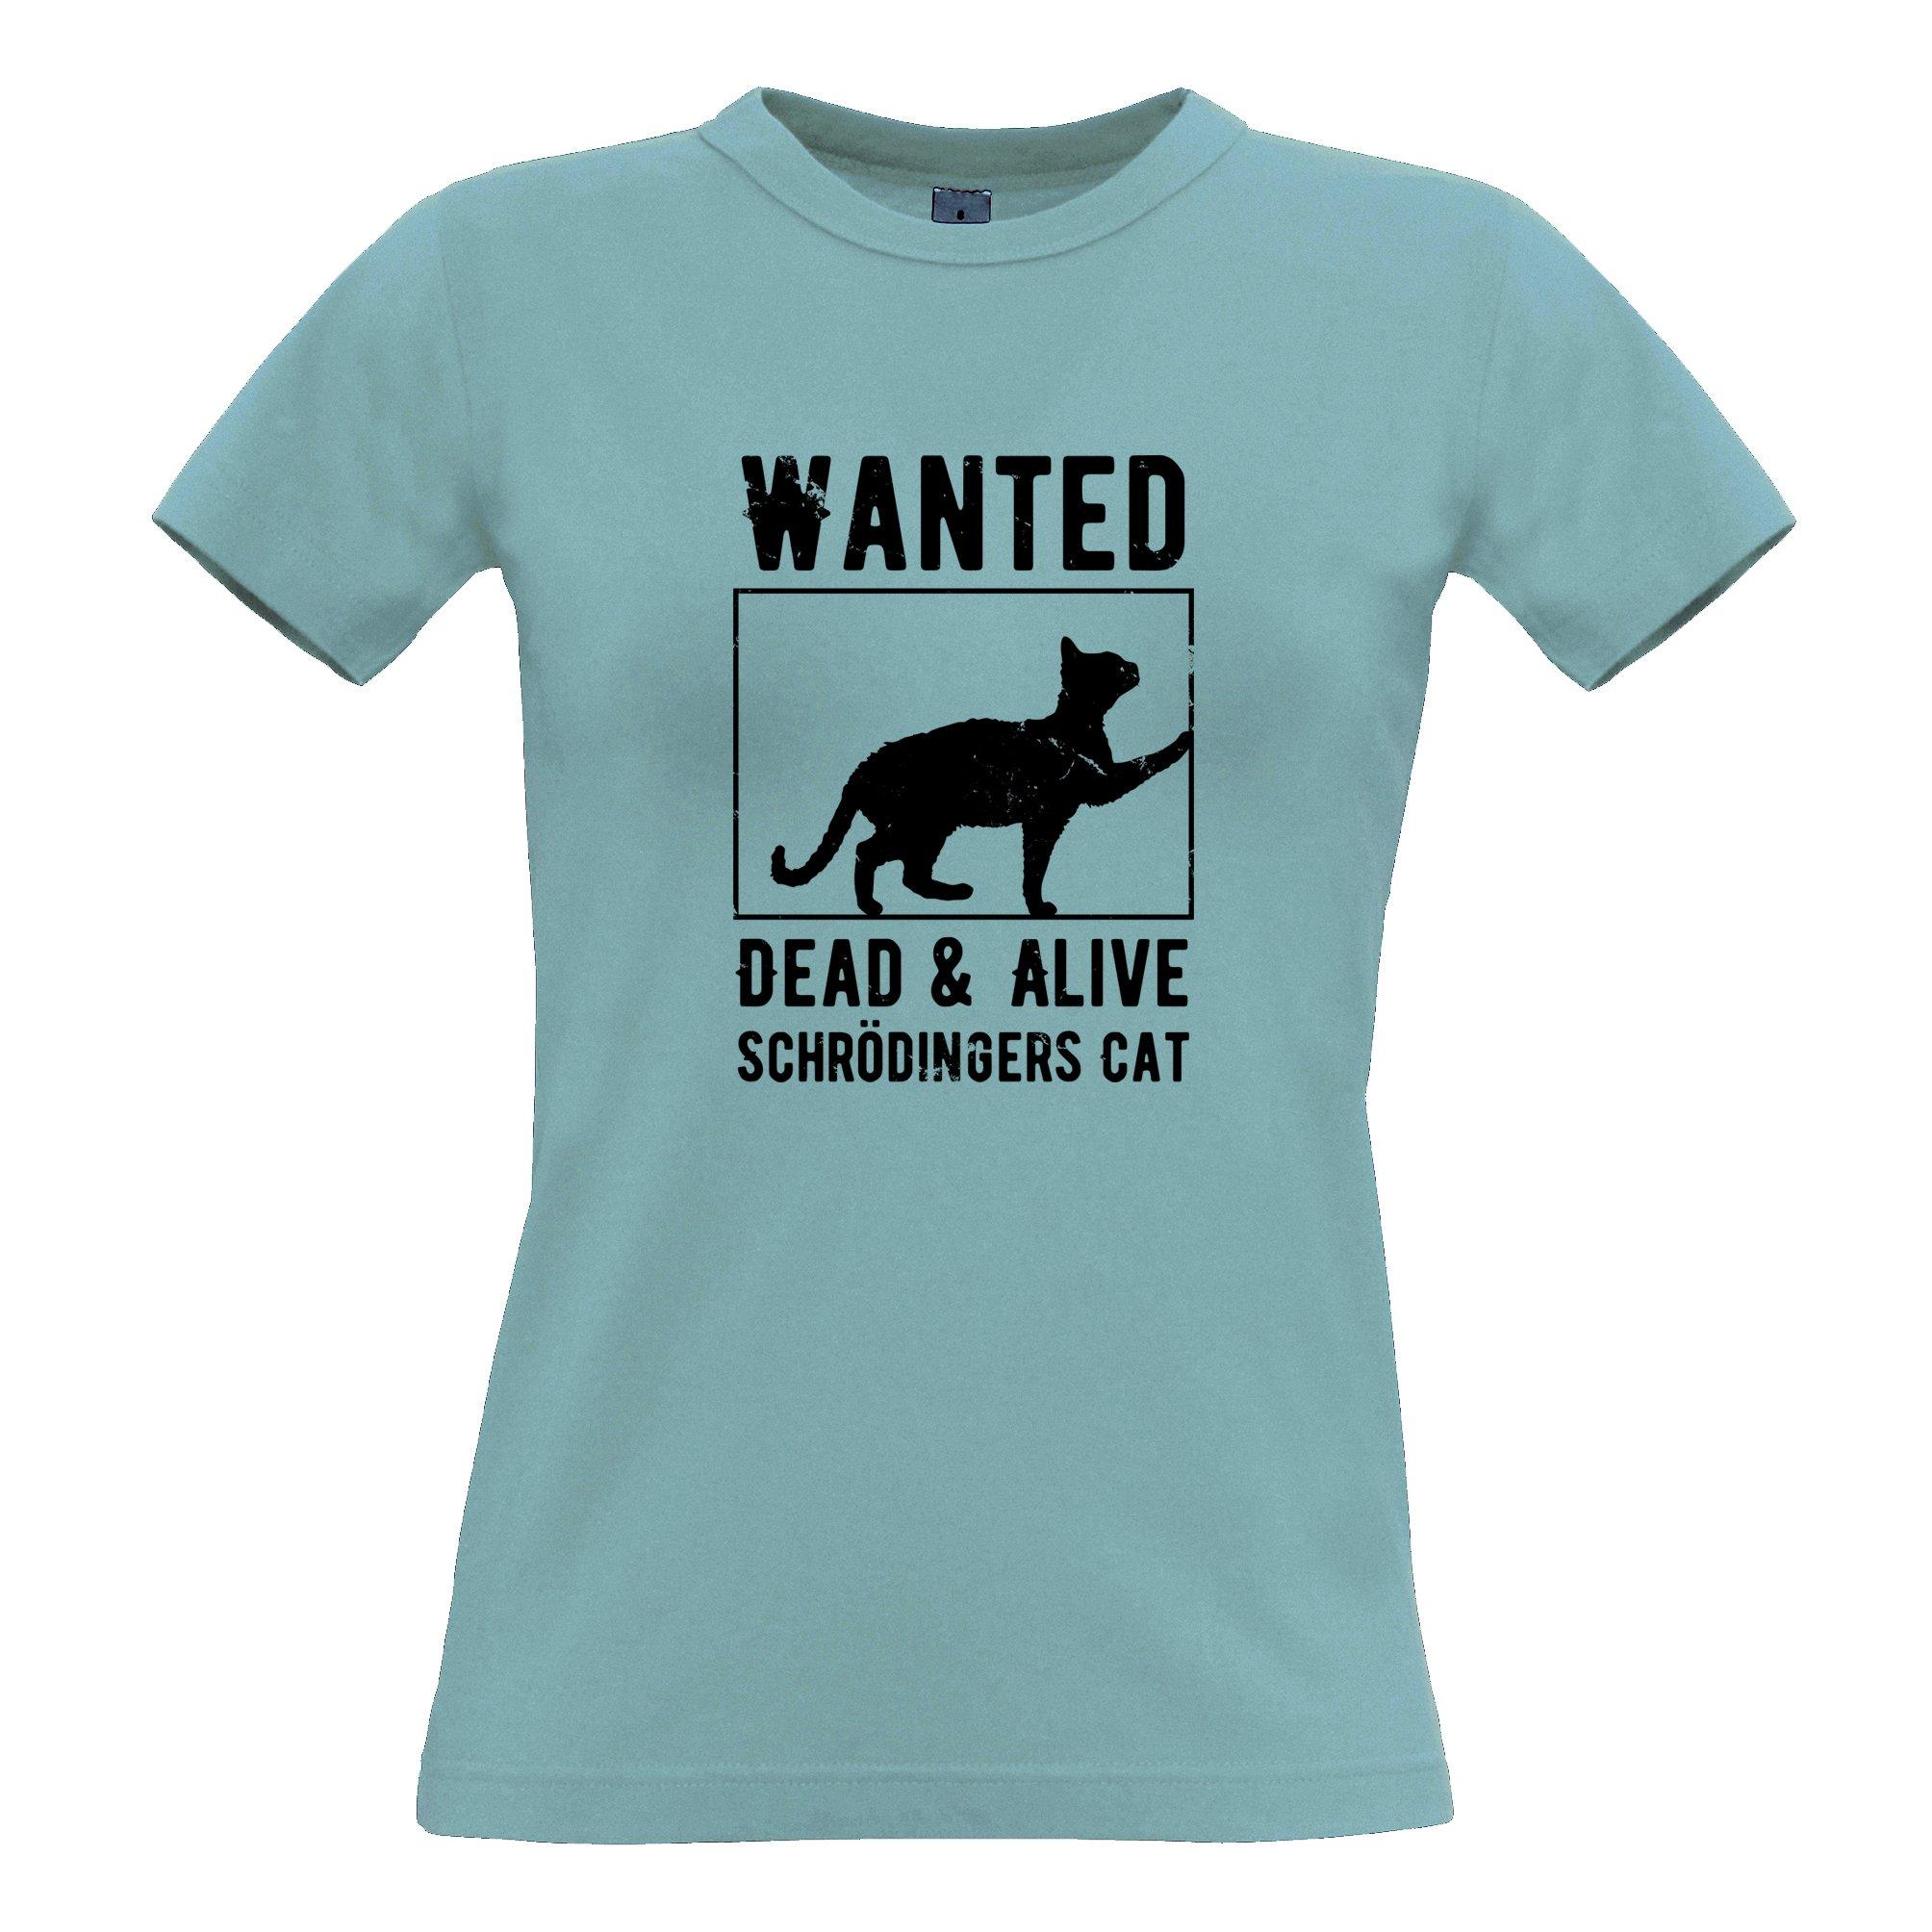 Novelty Nerd Tee Wanted Schr Dinger S Cat Joke 8731 Shirts